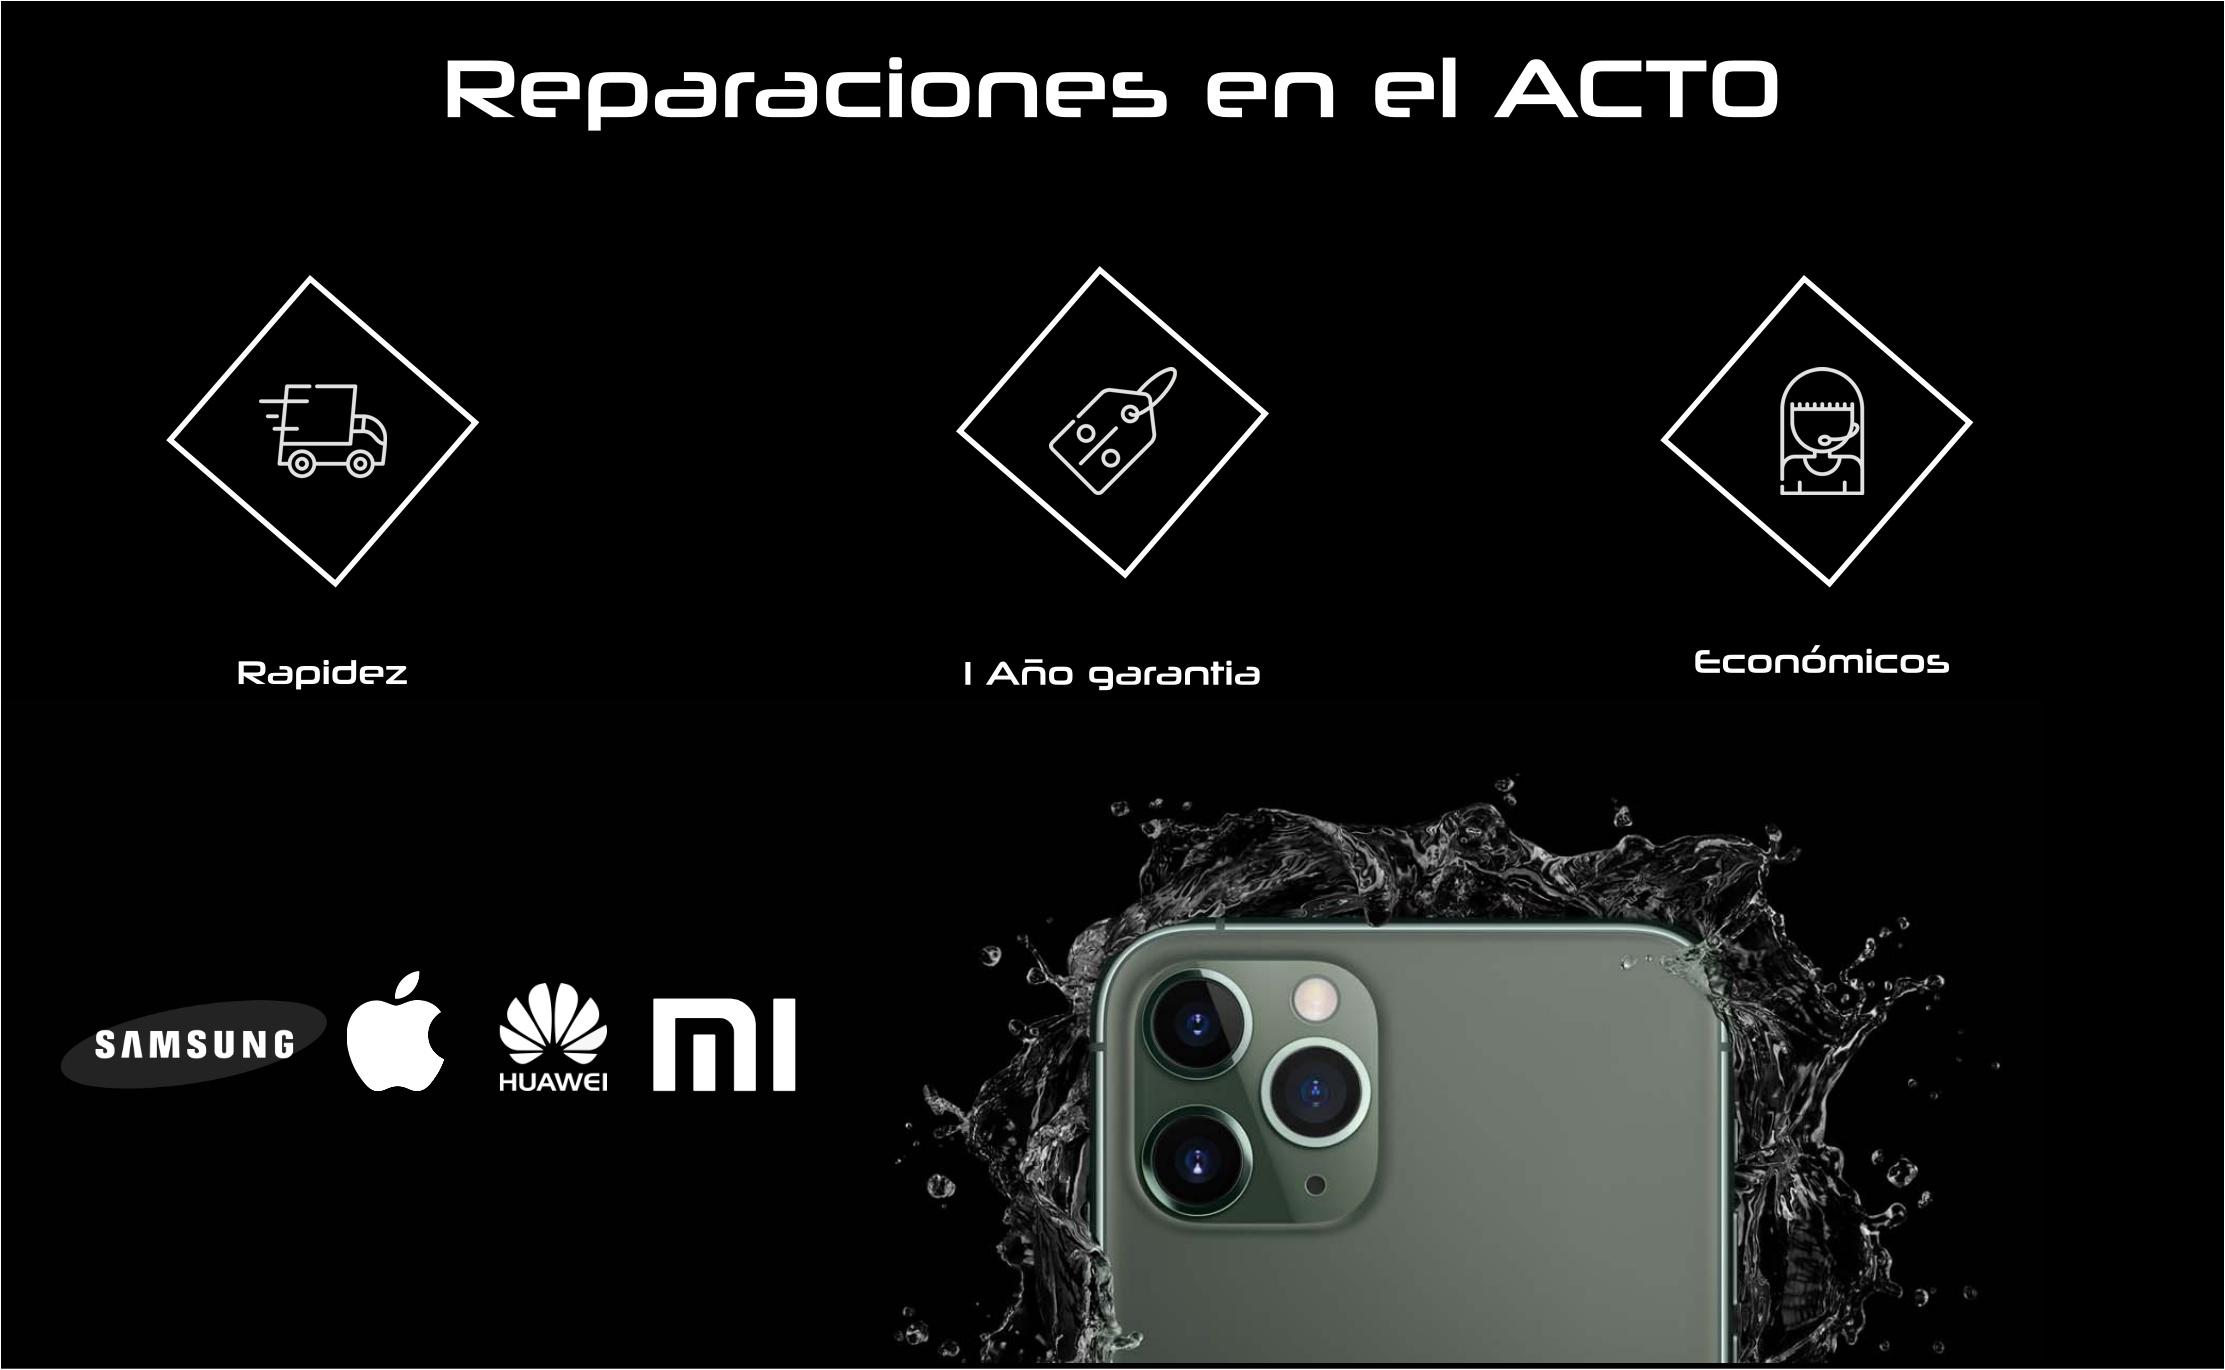 reparar móvil Alcatel servicio tecnico